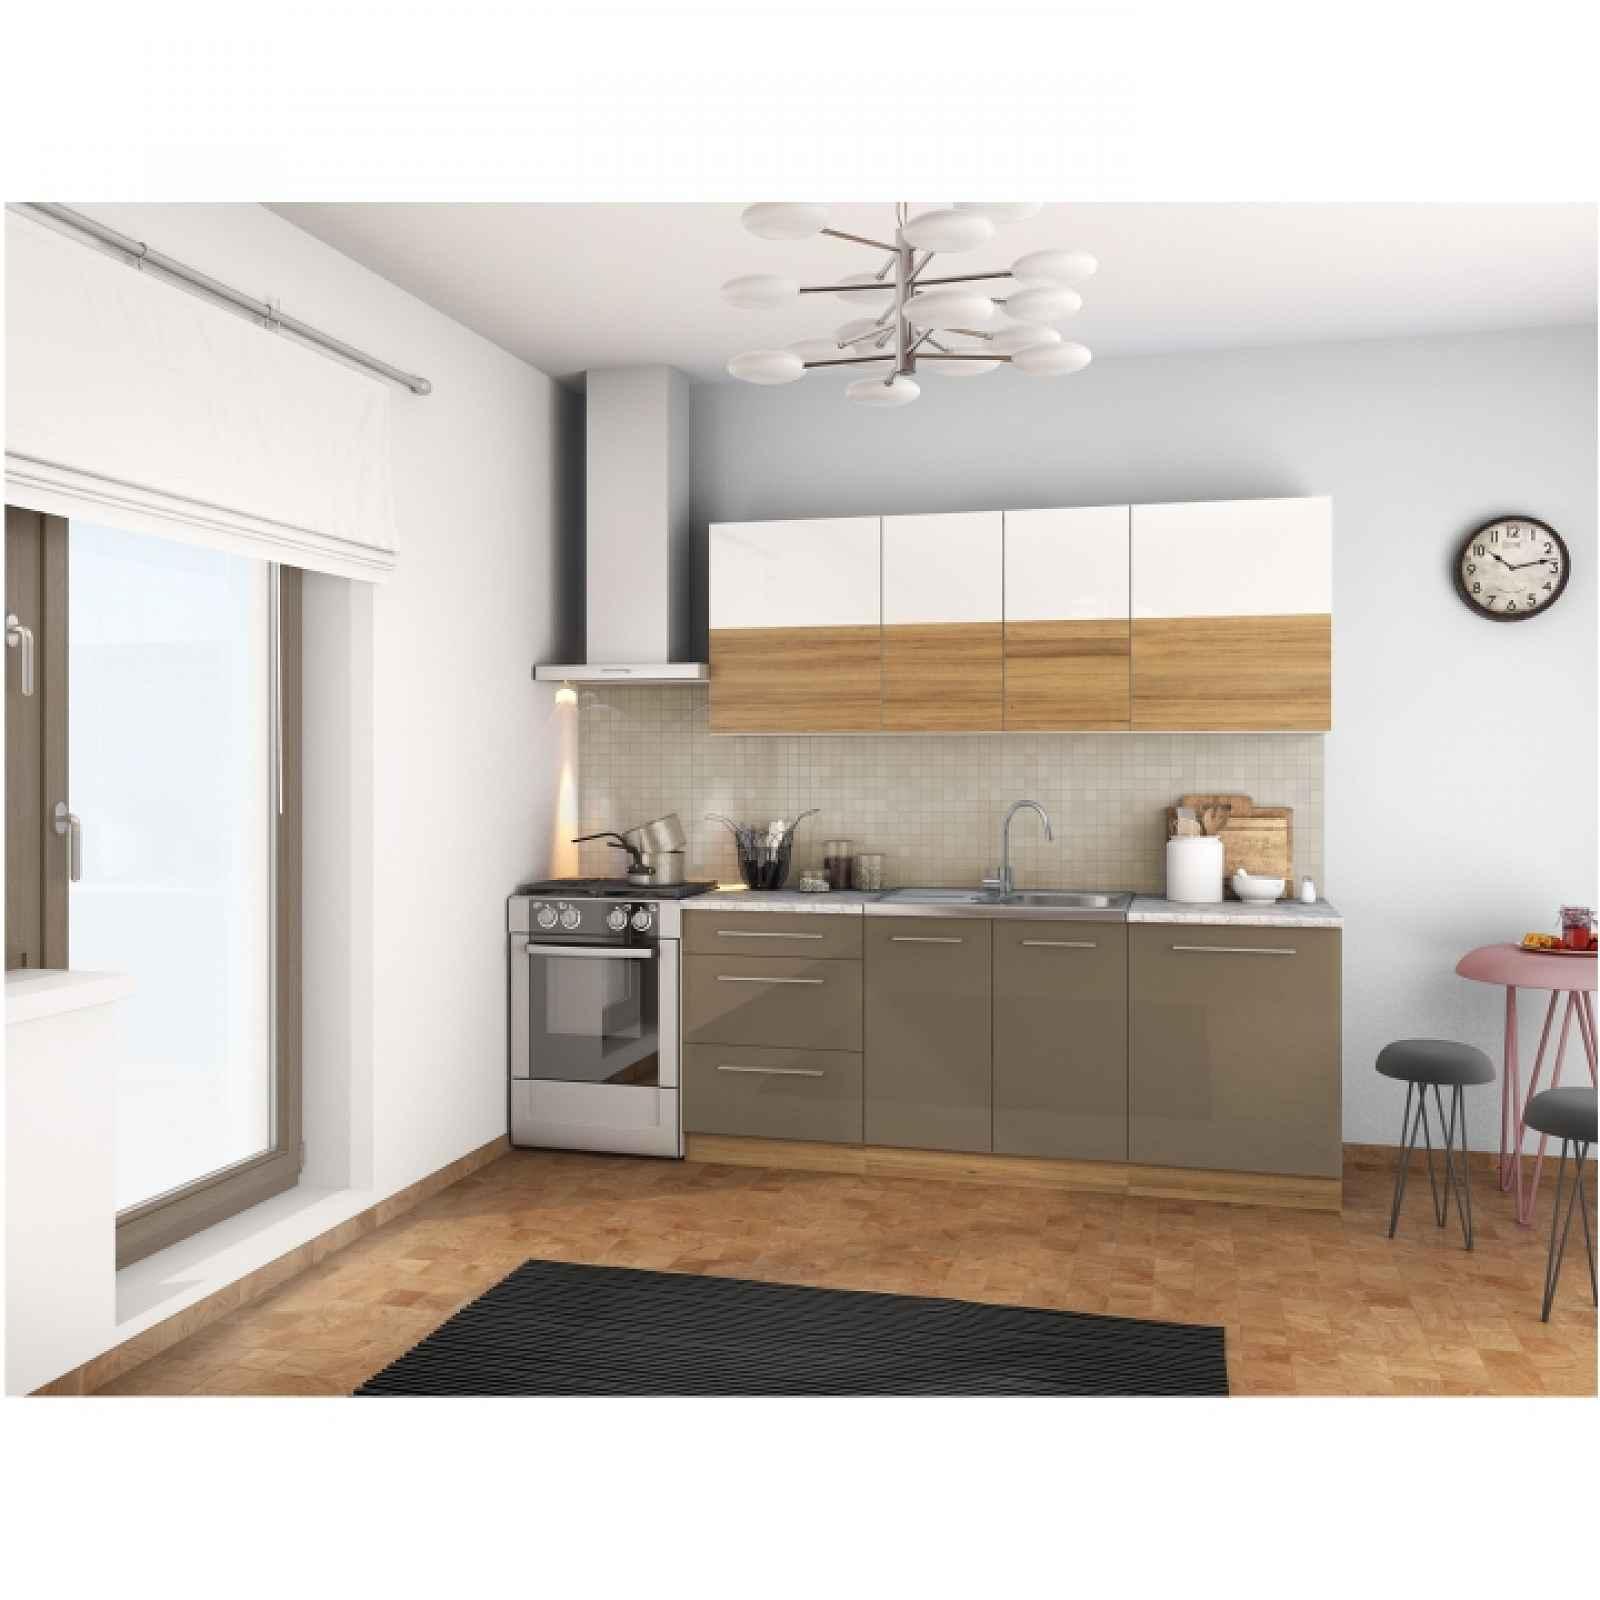 Kuchyňská linka, bílý lesk / světlý ořech / cobalt šedý lesk, SERGIO 0000211120 Tempo Kondela